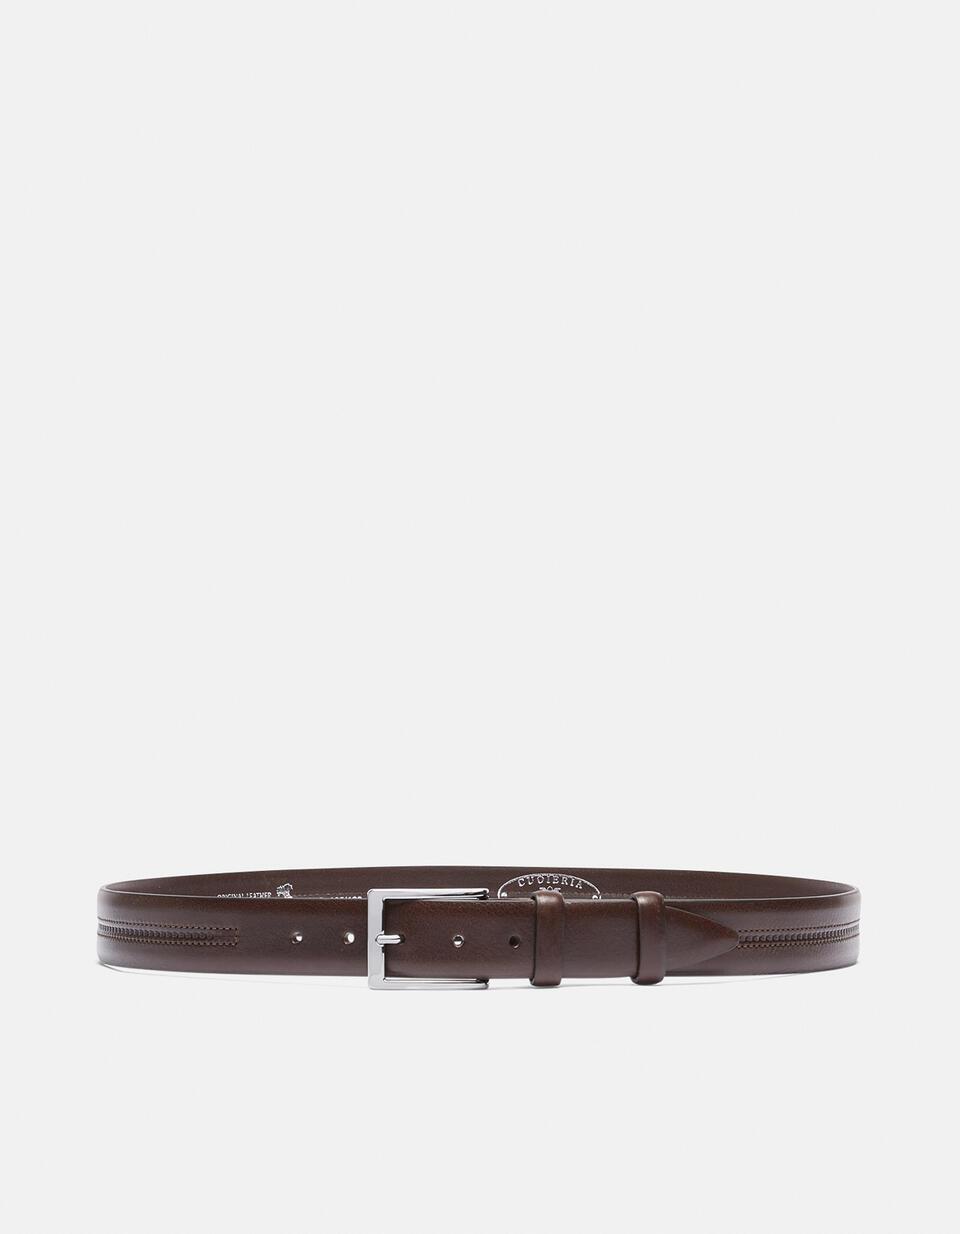 Cintura Classica in cuoio doppia cucitura centrale a contrasto TESTA DI MORO Cuoieria Fiorentina